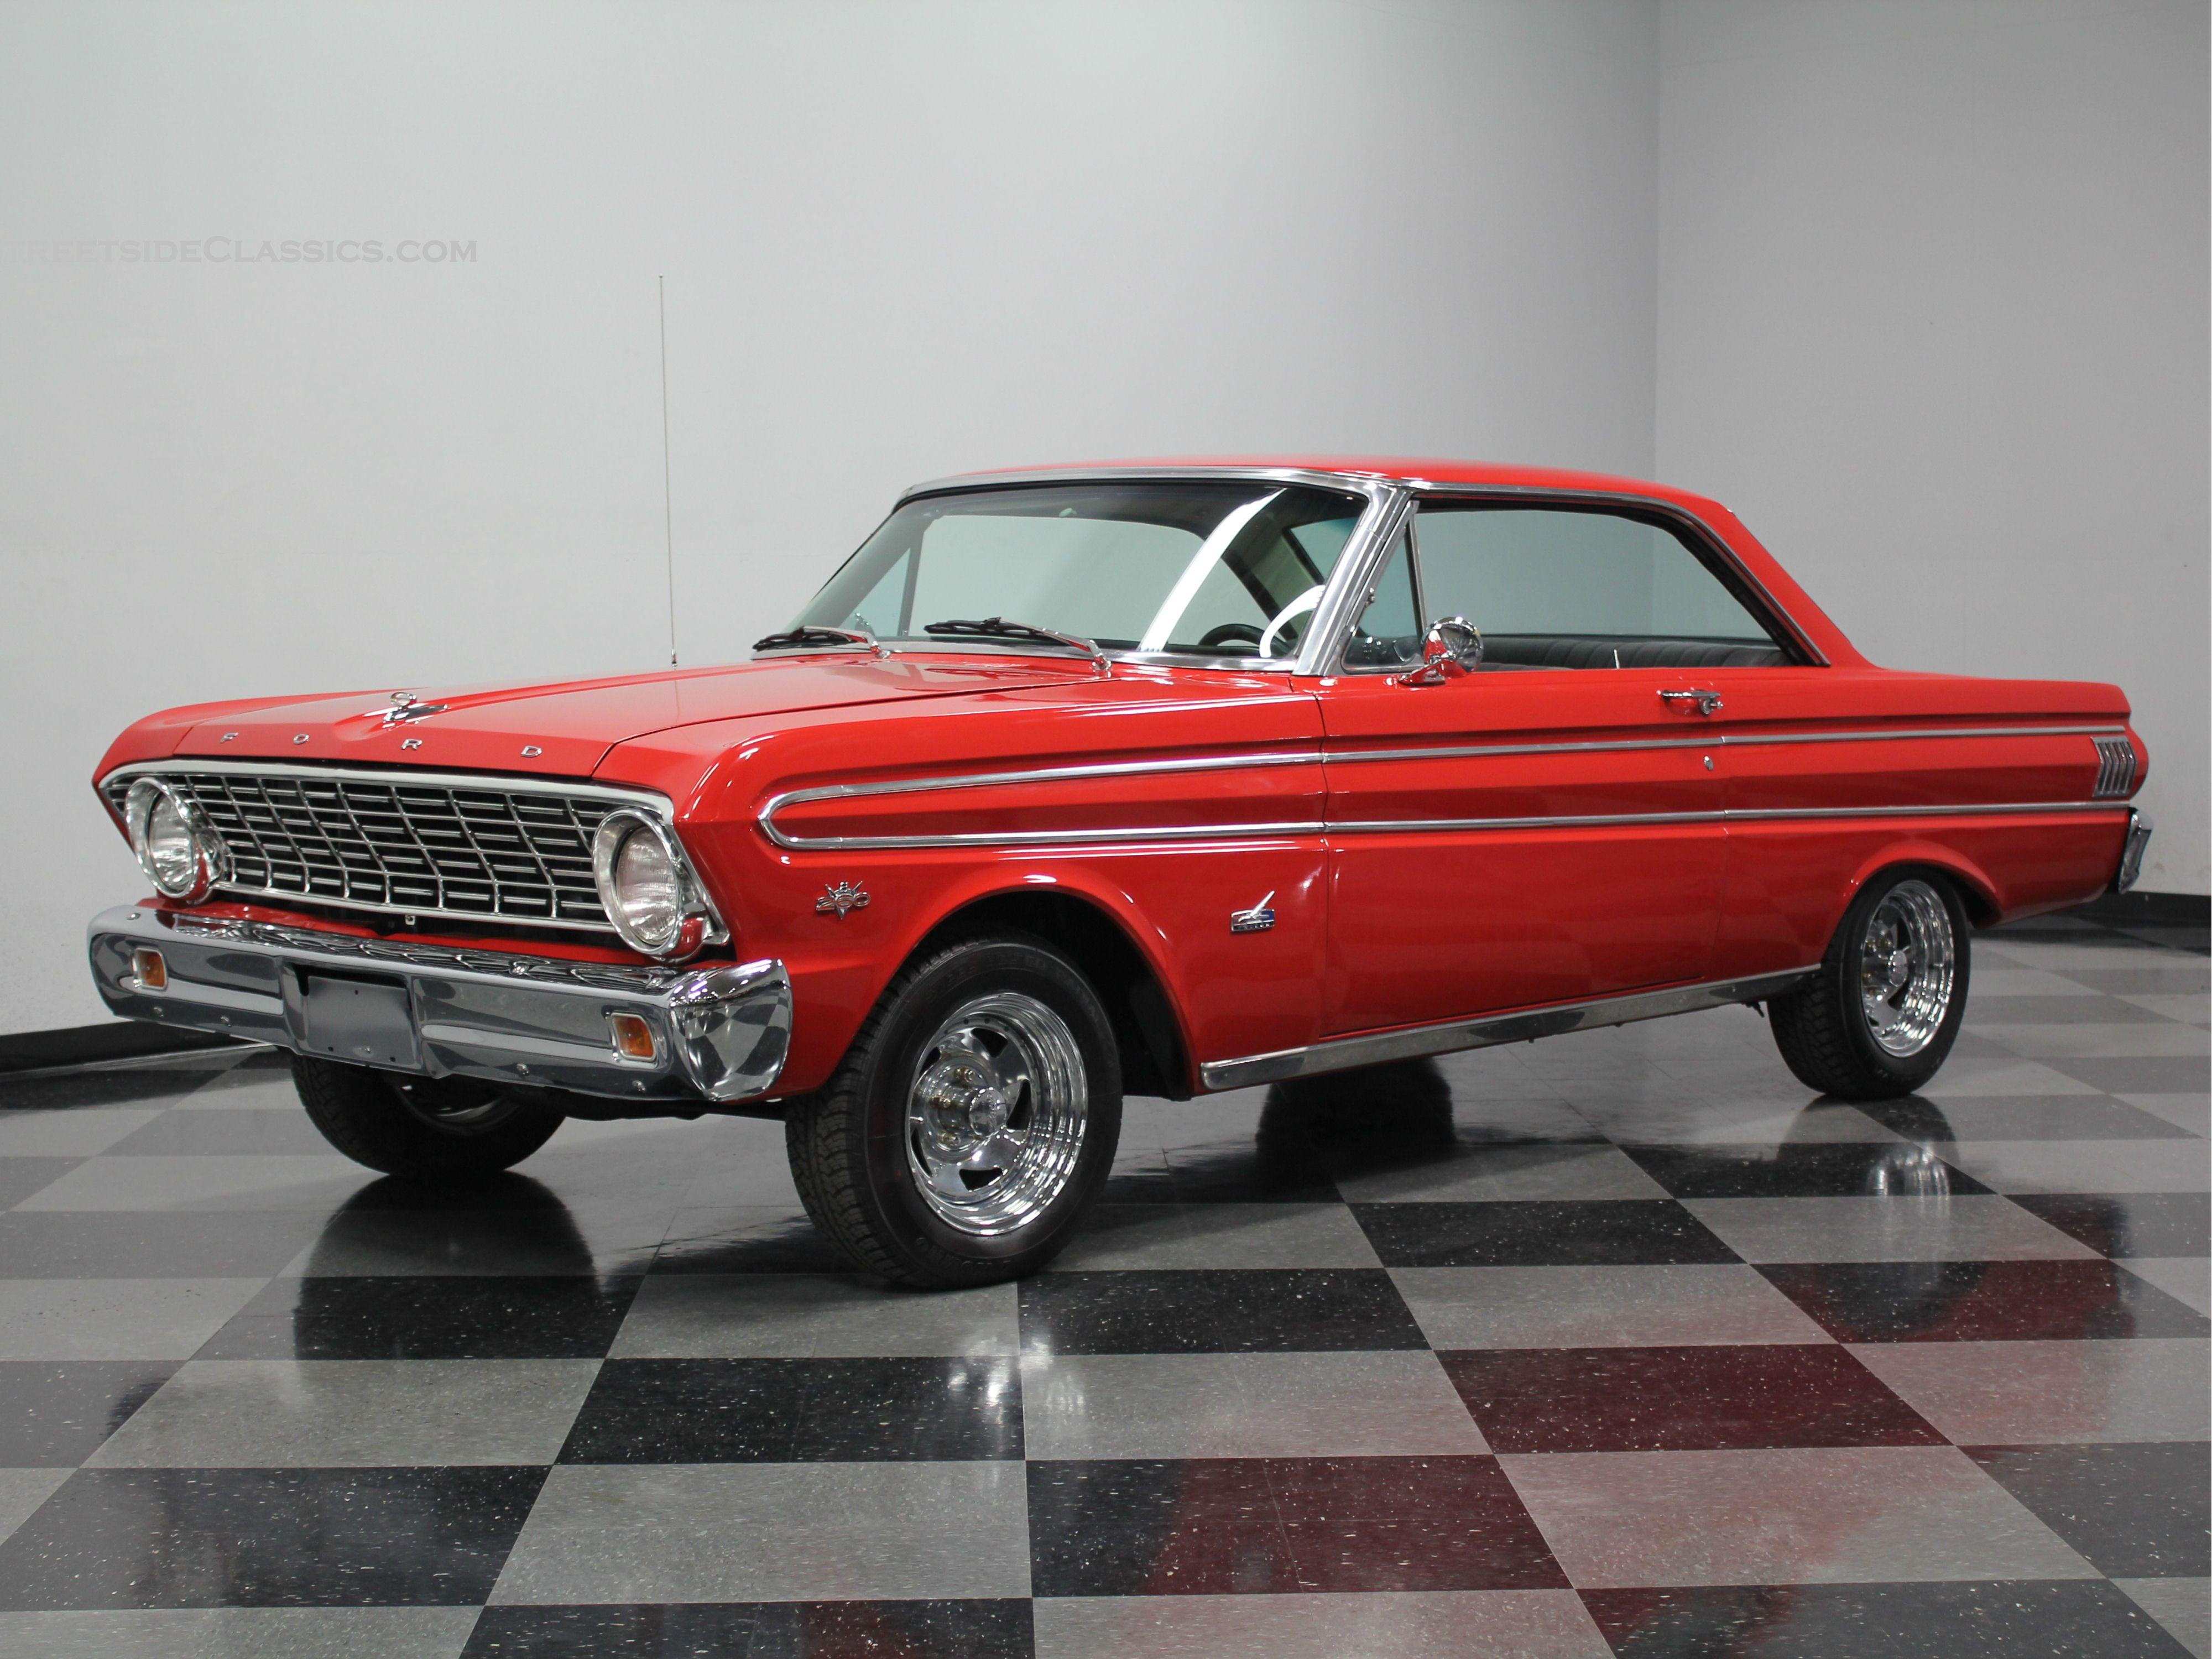 rocky+ride1964-ford-falcon-2-door-wallpaper-5.jpg (4000×3000) | 4 ...